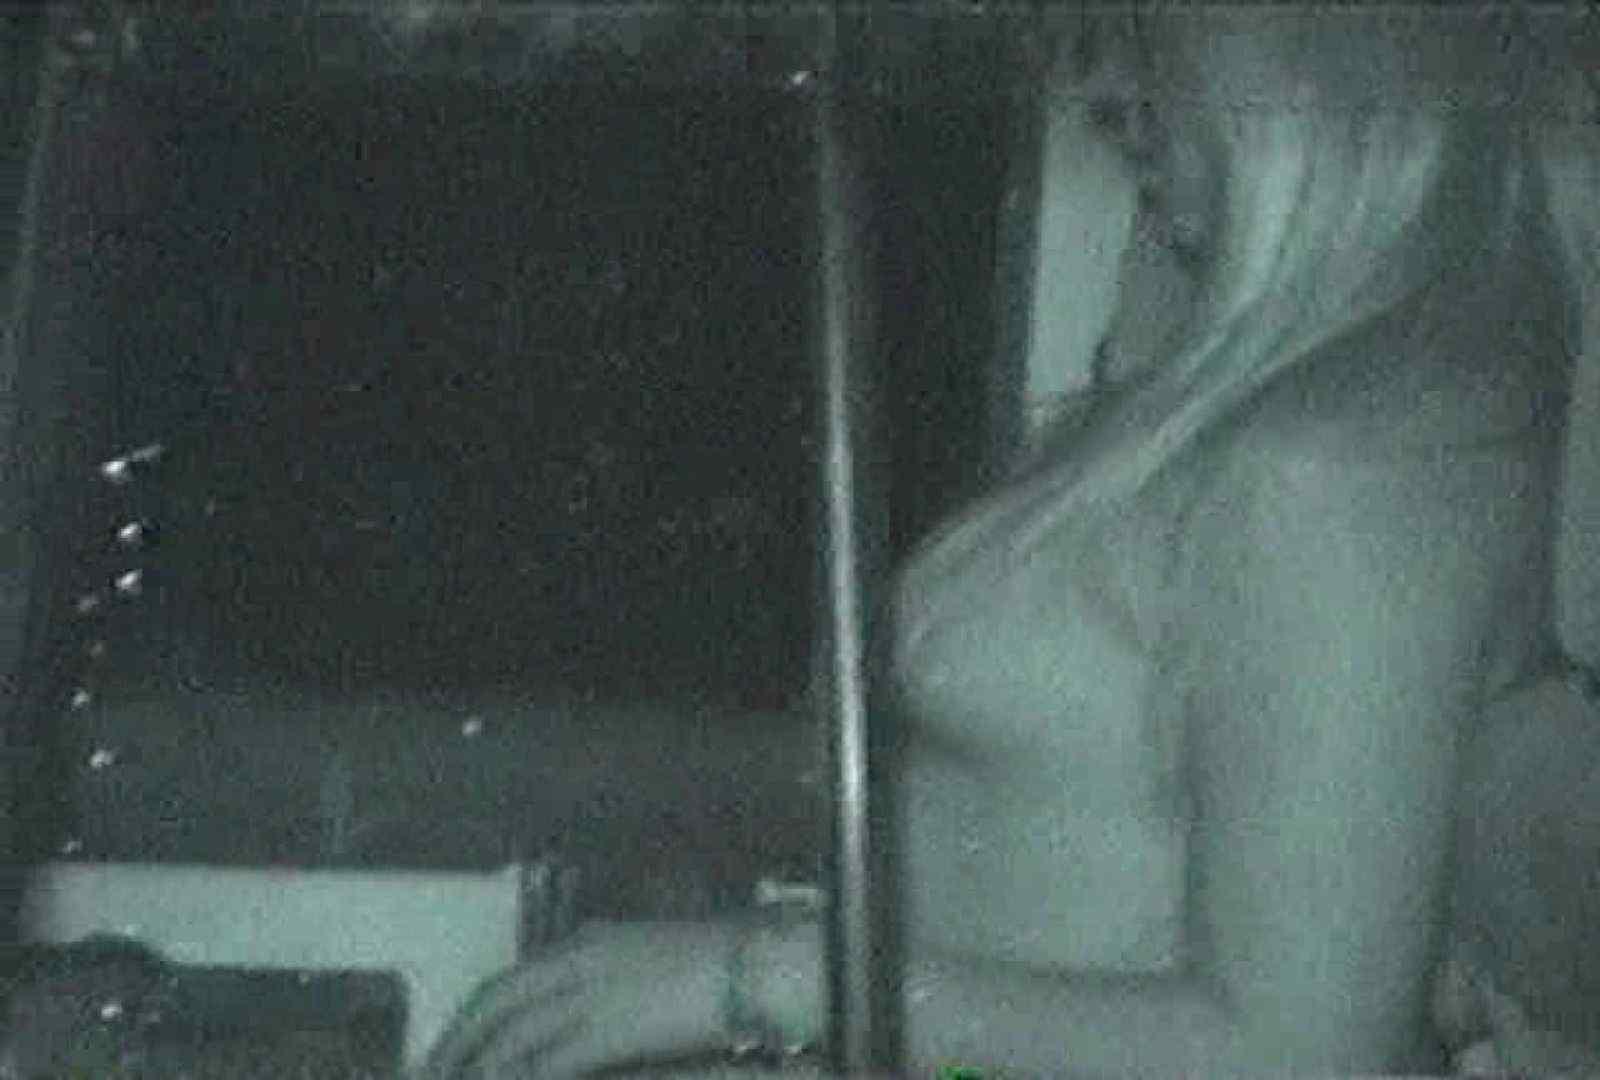 充血監督の深夜の運動会Vol.100 OLセックス | おまんこ無修正  67画像 67